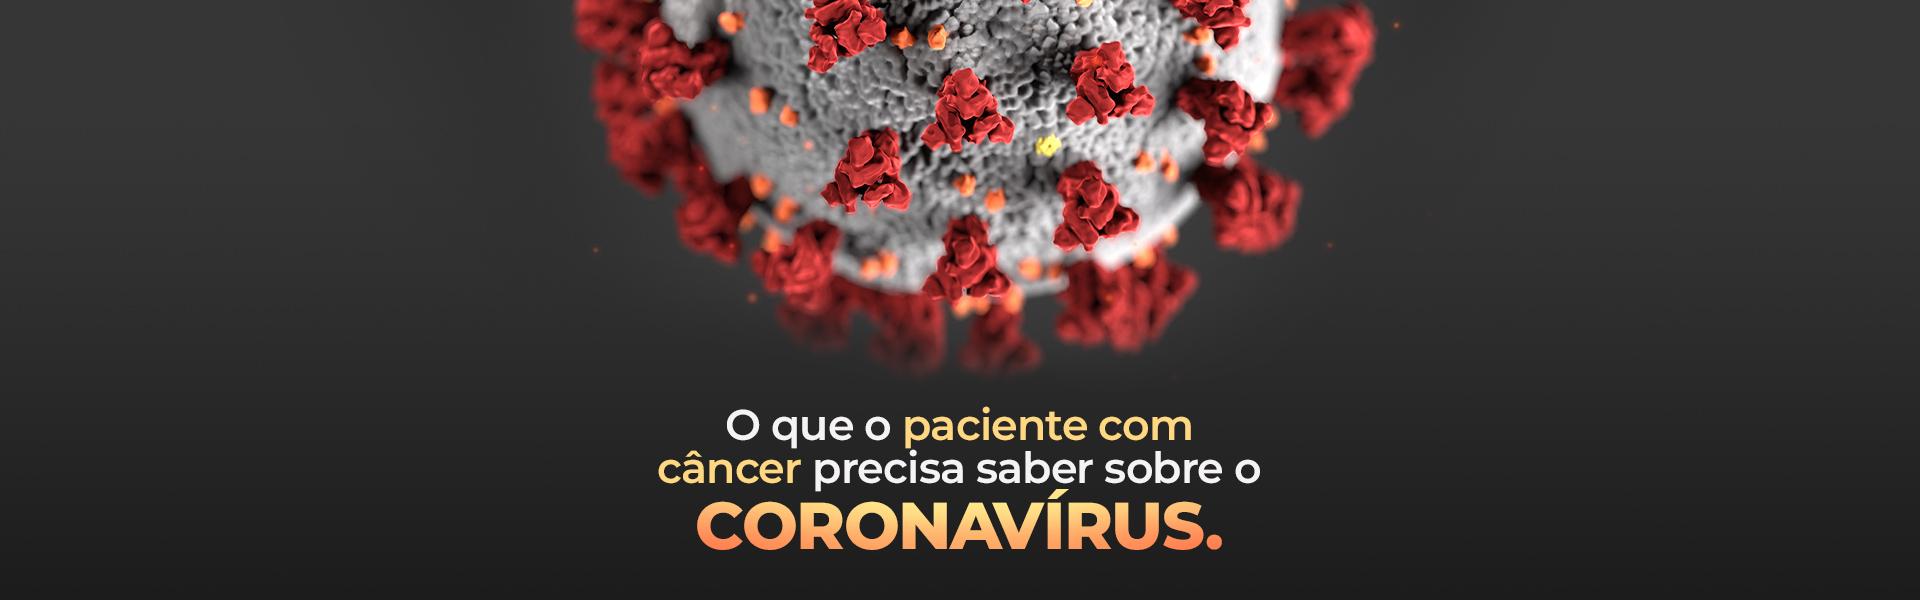 O que o paciente com câncer precisa saber sobre o Coronavírus